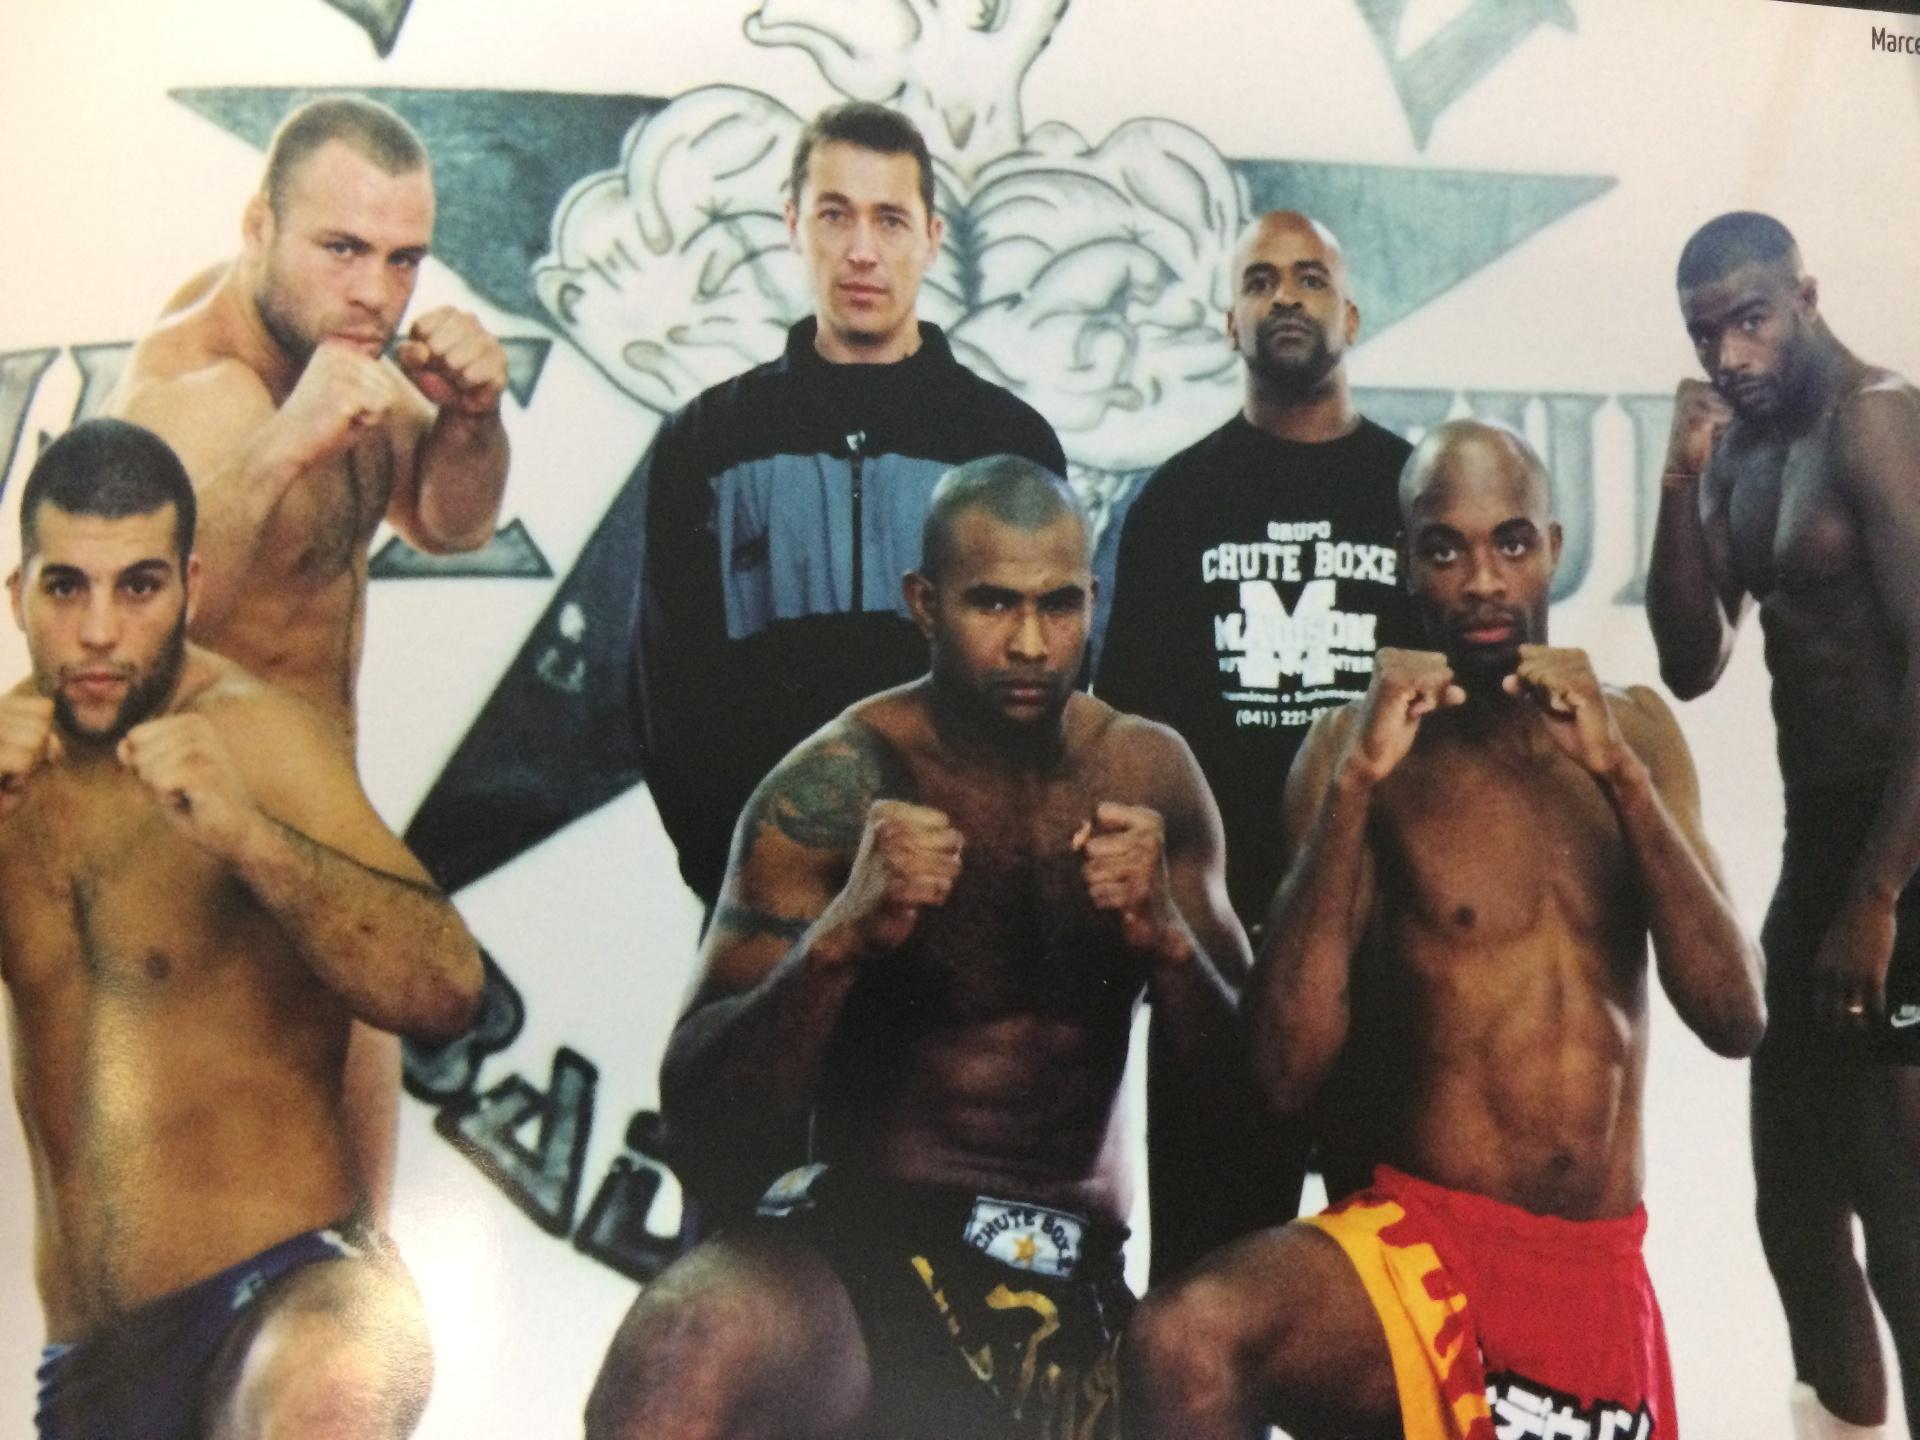 Antiga equipe de Chute Boxe em Curitiba